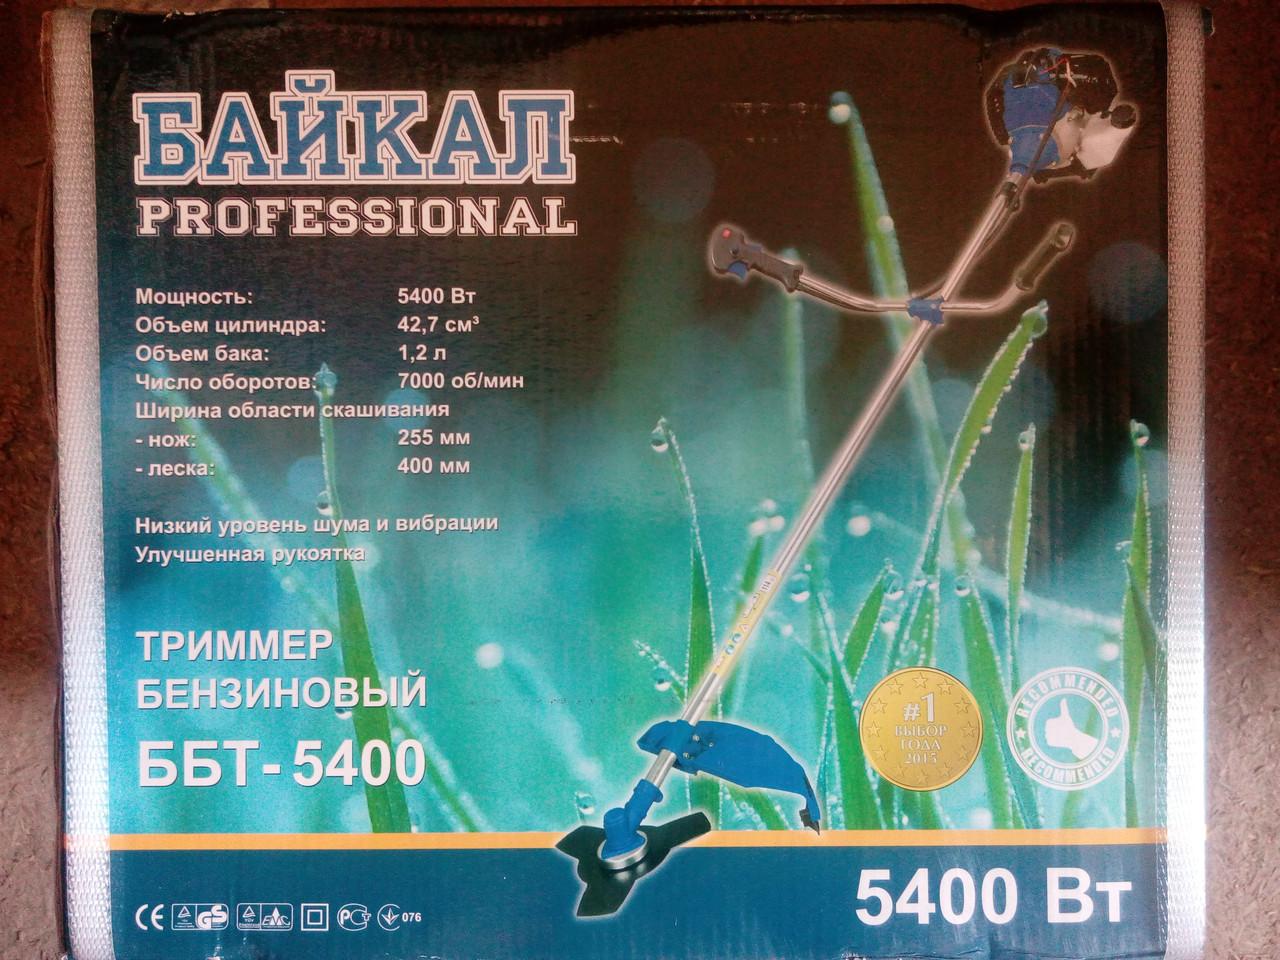 Бензокоса (бензотриммер) Байкал Профессионал ББТ-5400